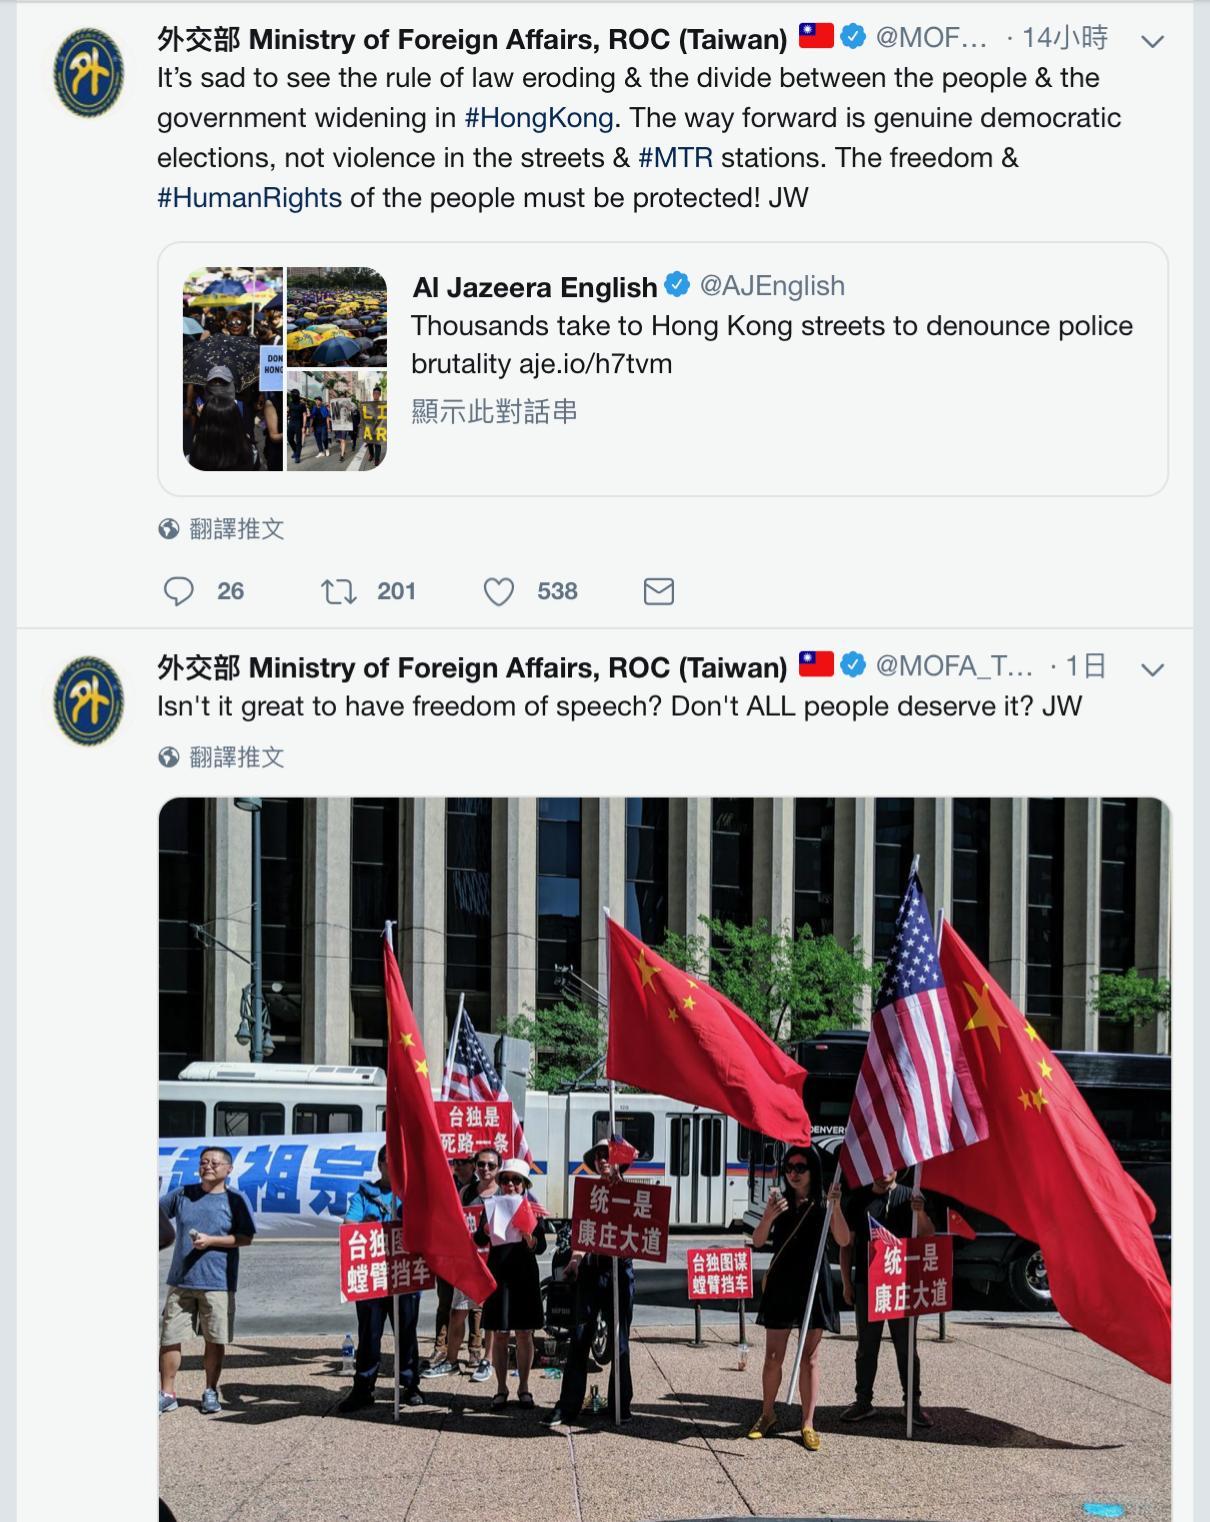 台湾的外交部长吴钊燮在推特发文表示,很遗憾看到香港的法治被破坏,前进的道路是真正的民主选举,而不是在街头或捷运站的暴力。(截自推特)